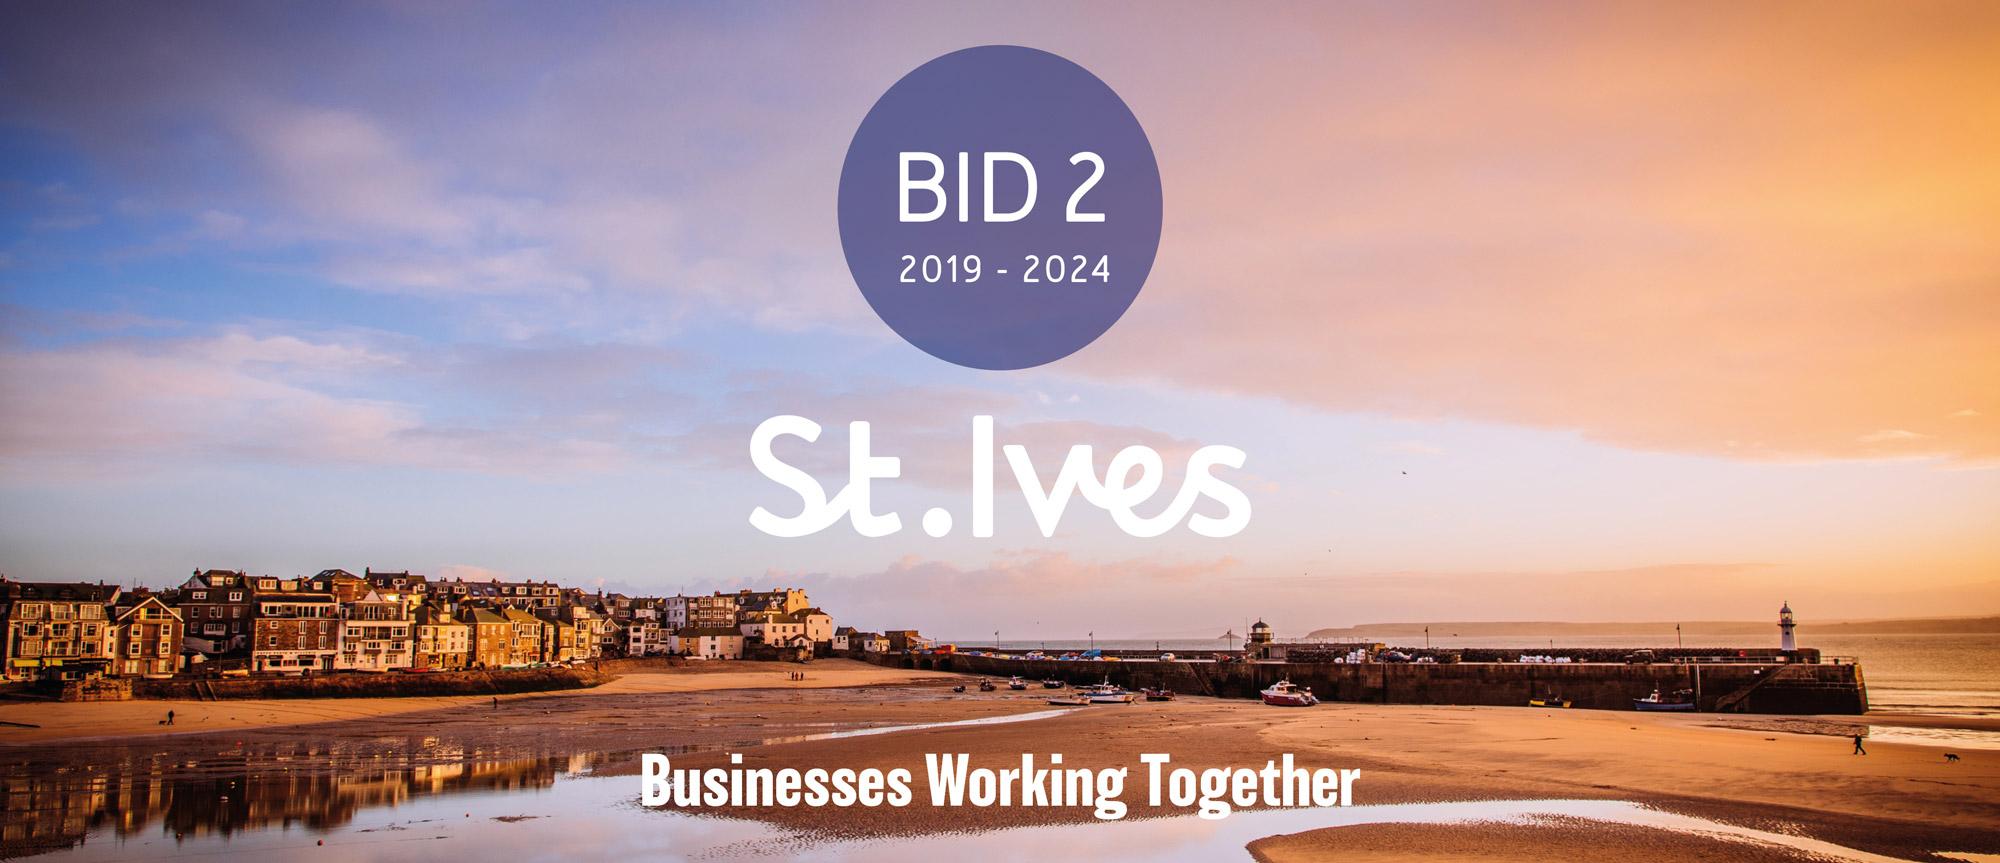 St Ives BID 2 - Renewal Business Plan